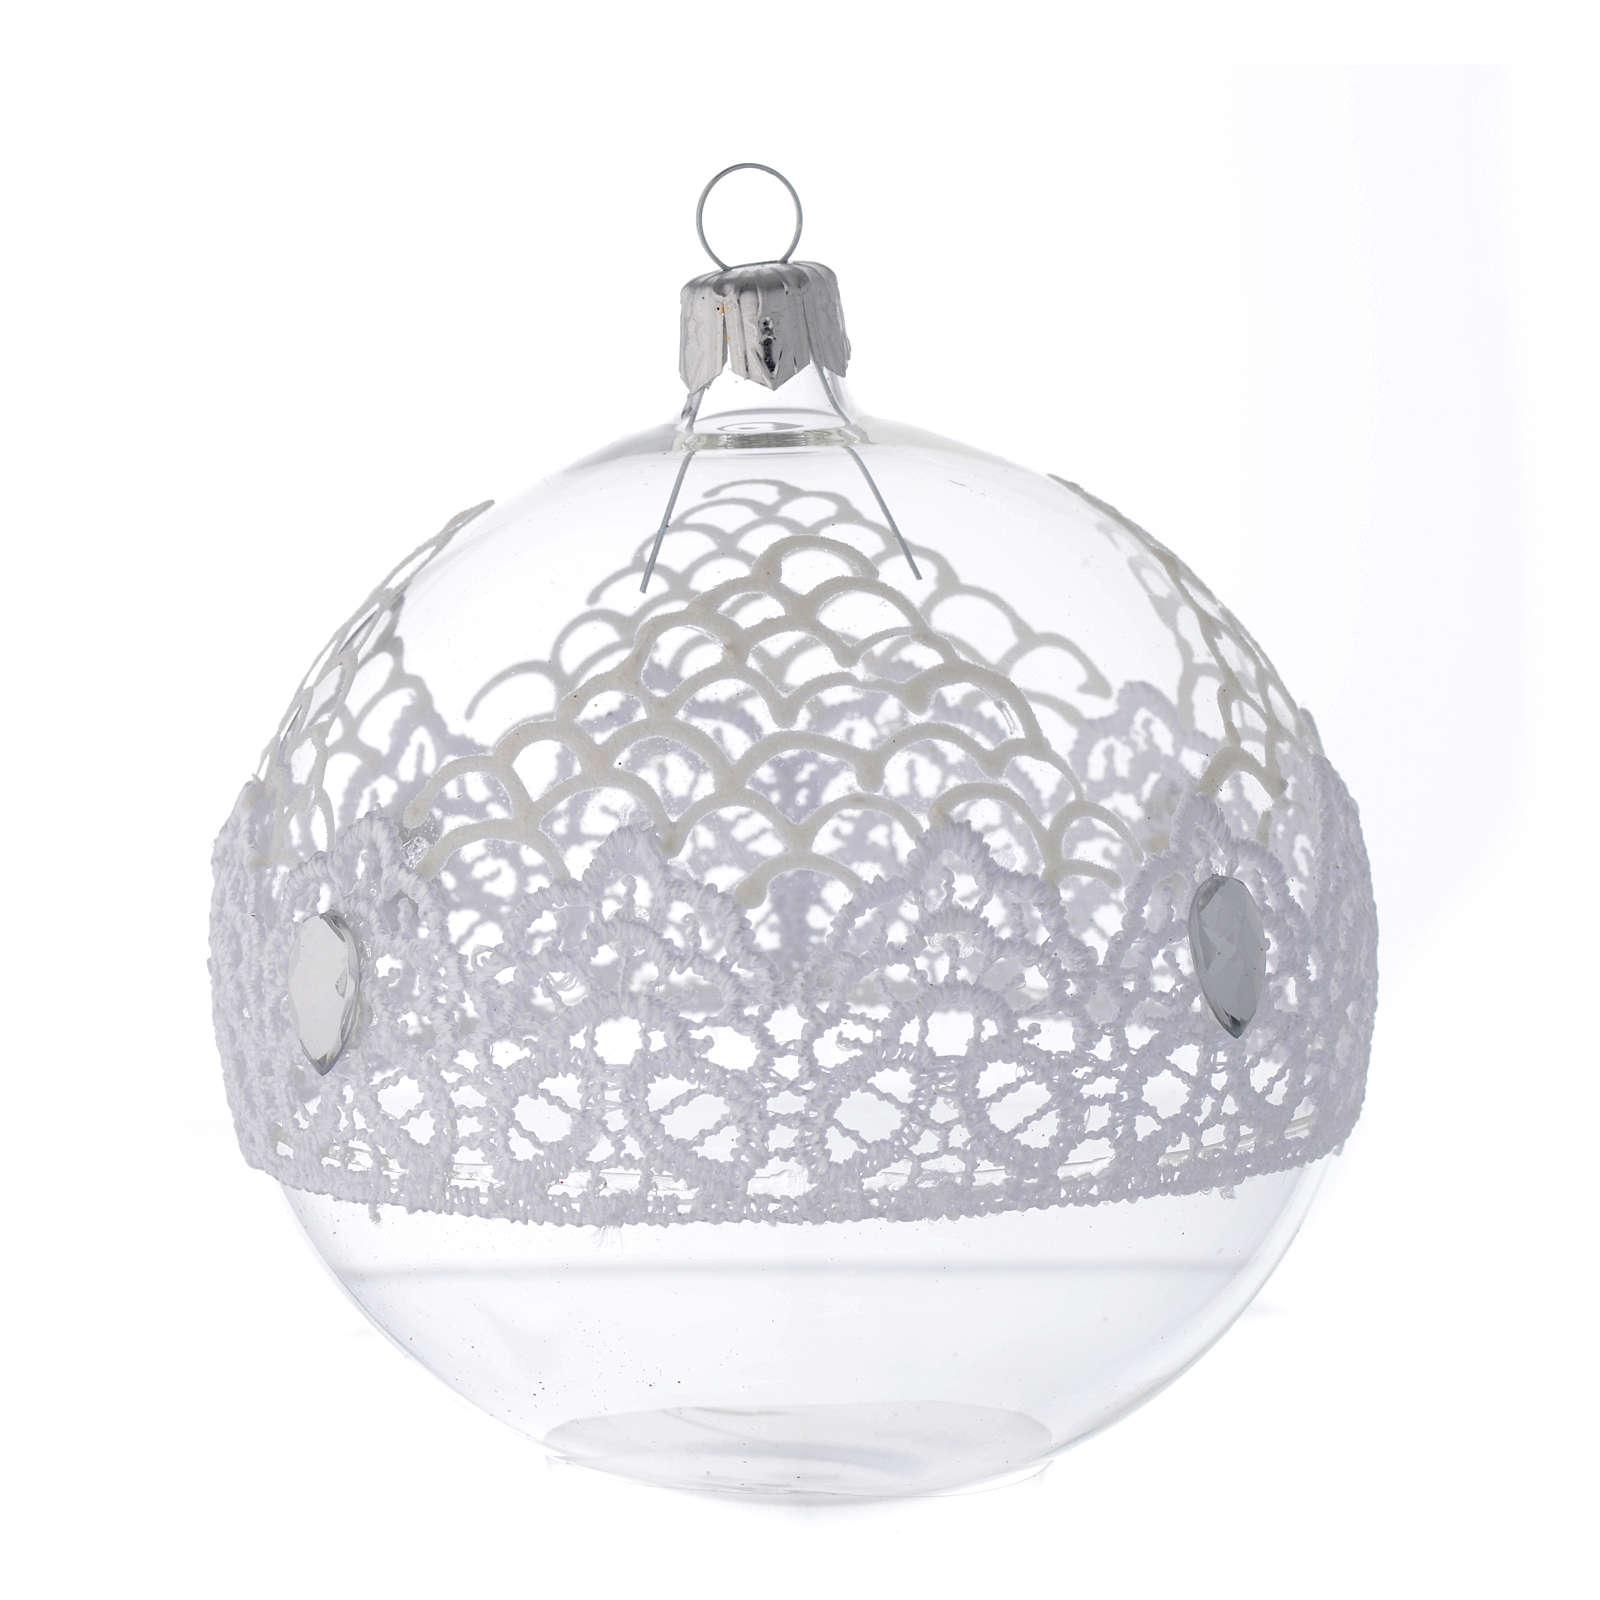 Palla Natale in vetro decoro merletto 100 mm 4